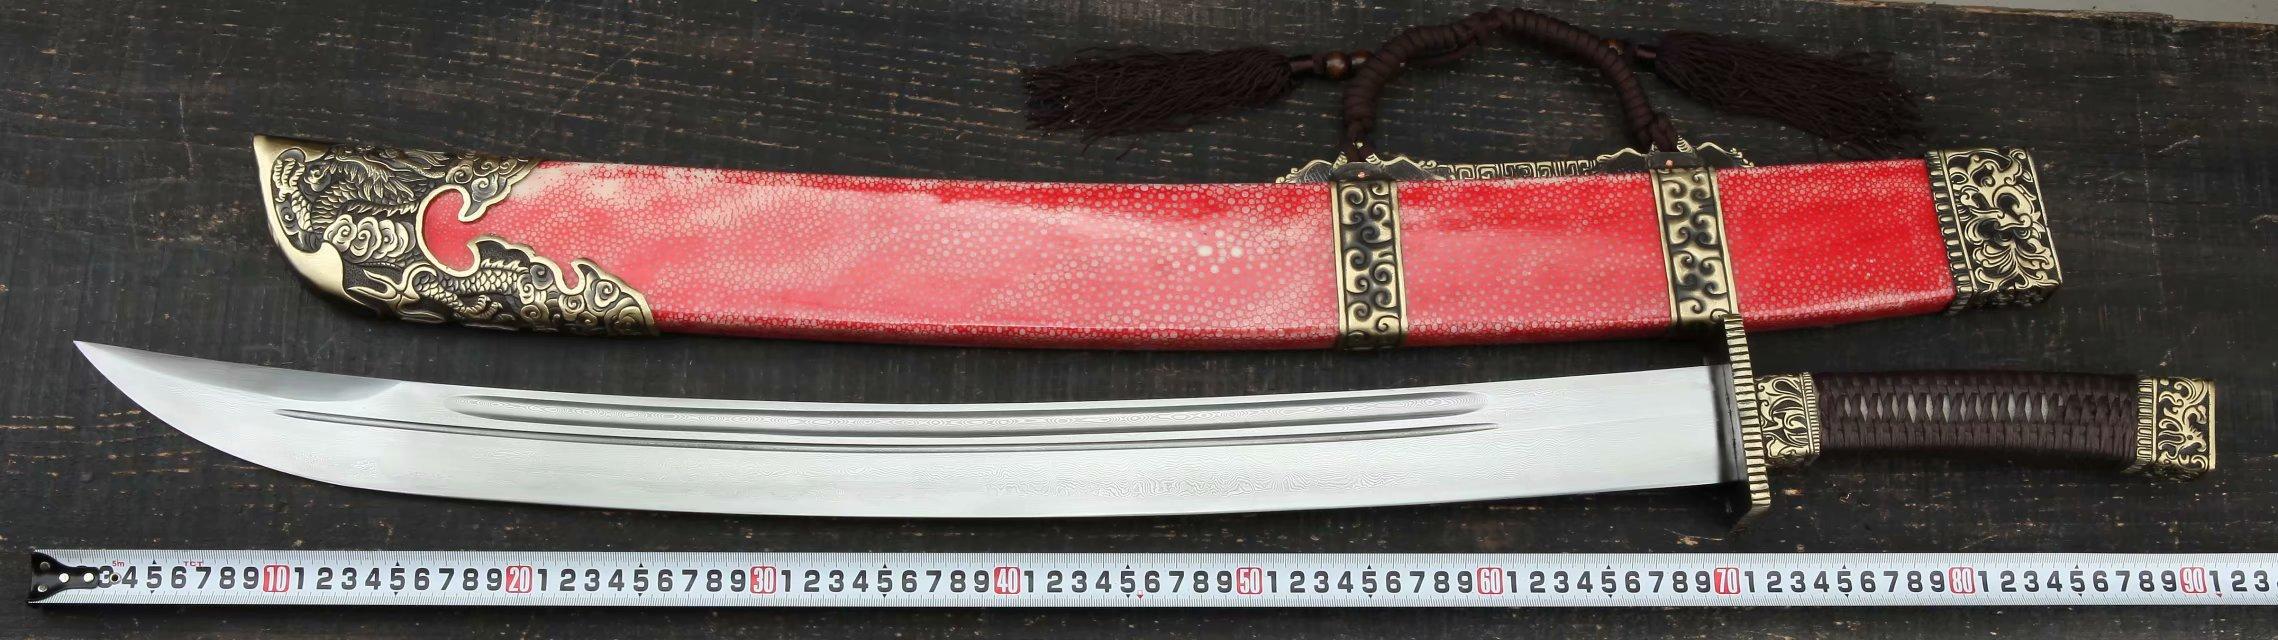 安清 刀剑_鲨鱼皮—屠龙大刀。(红色款)_刀剑供货网,各类传统刀剑,工艺 ...